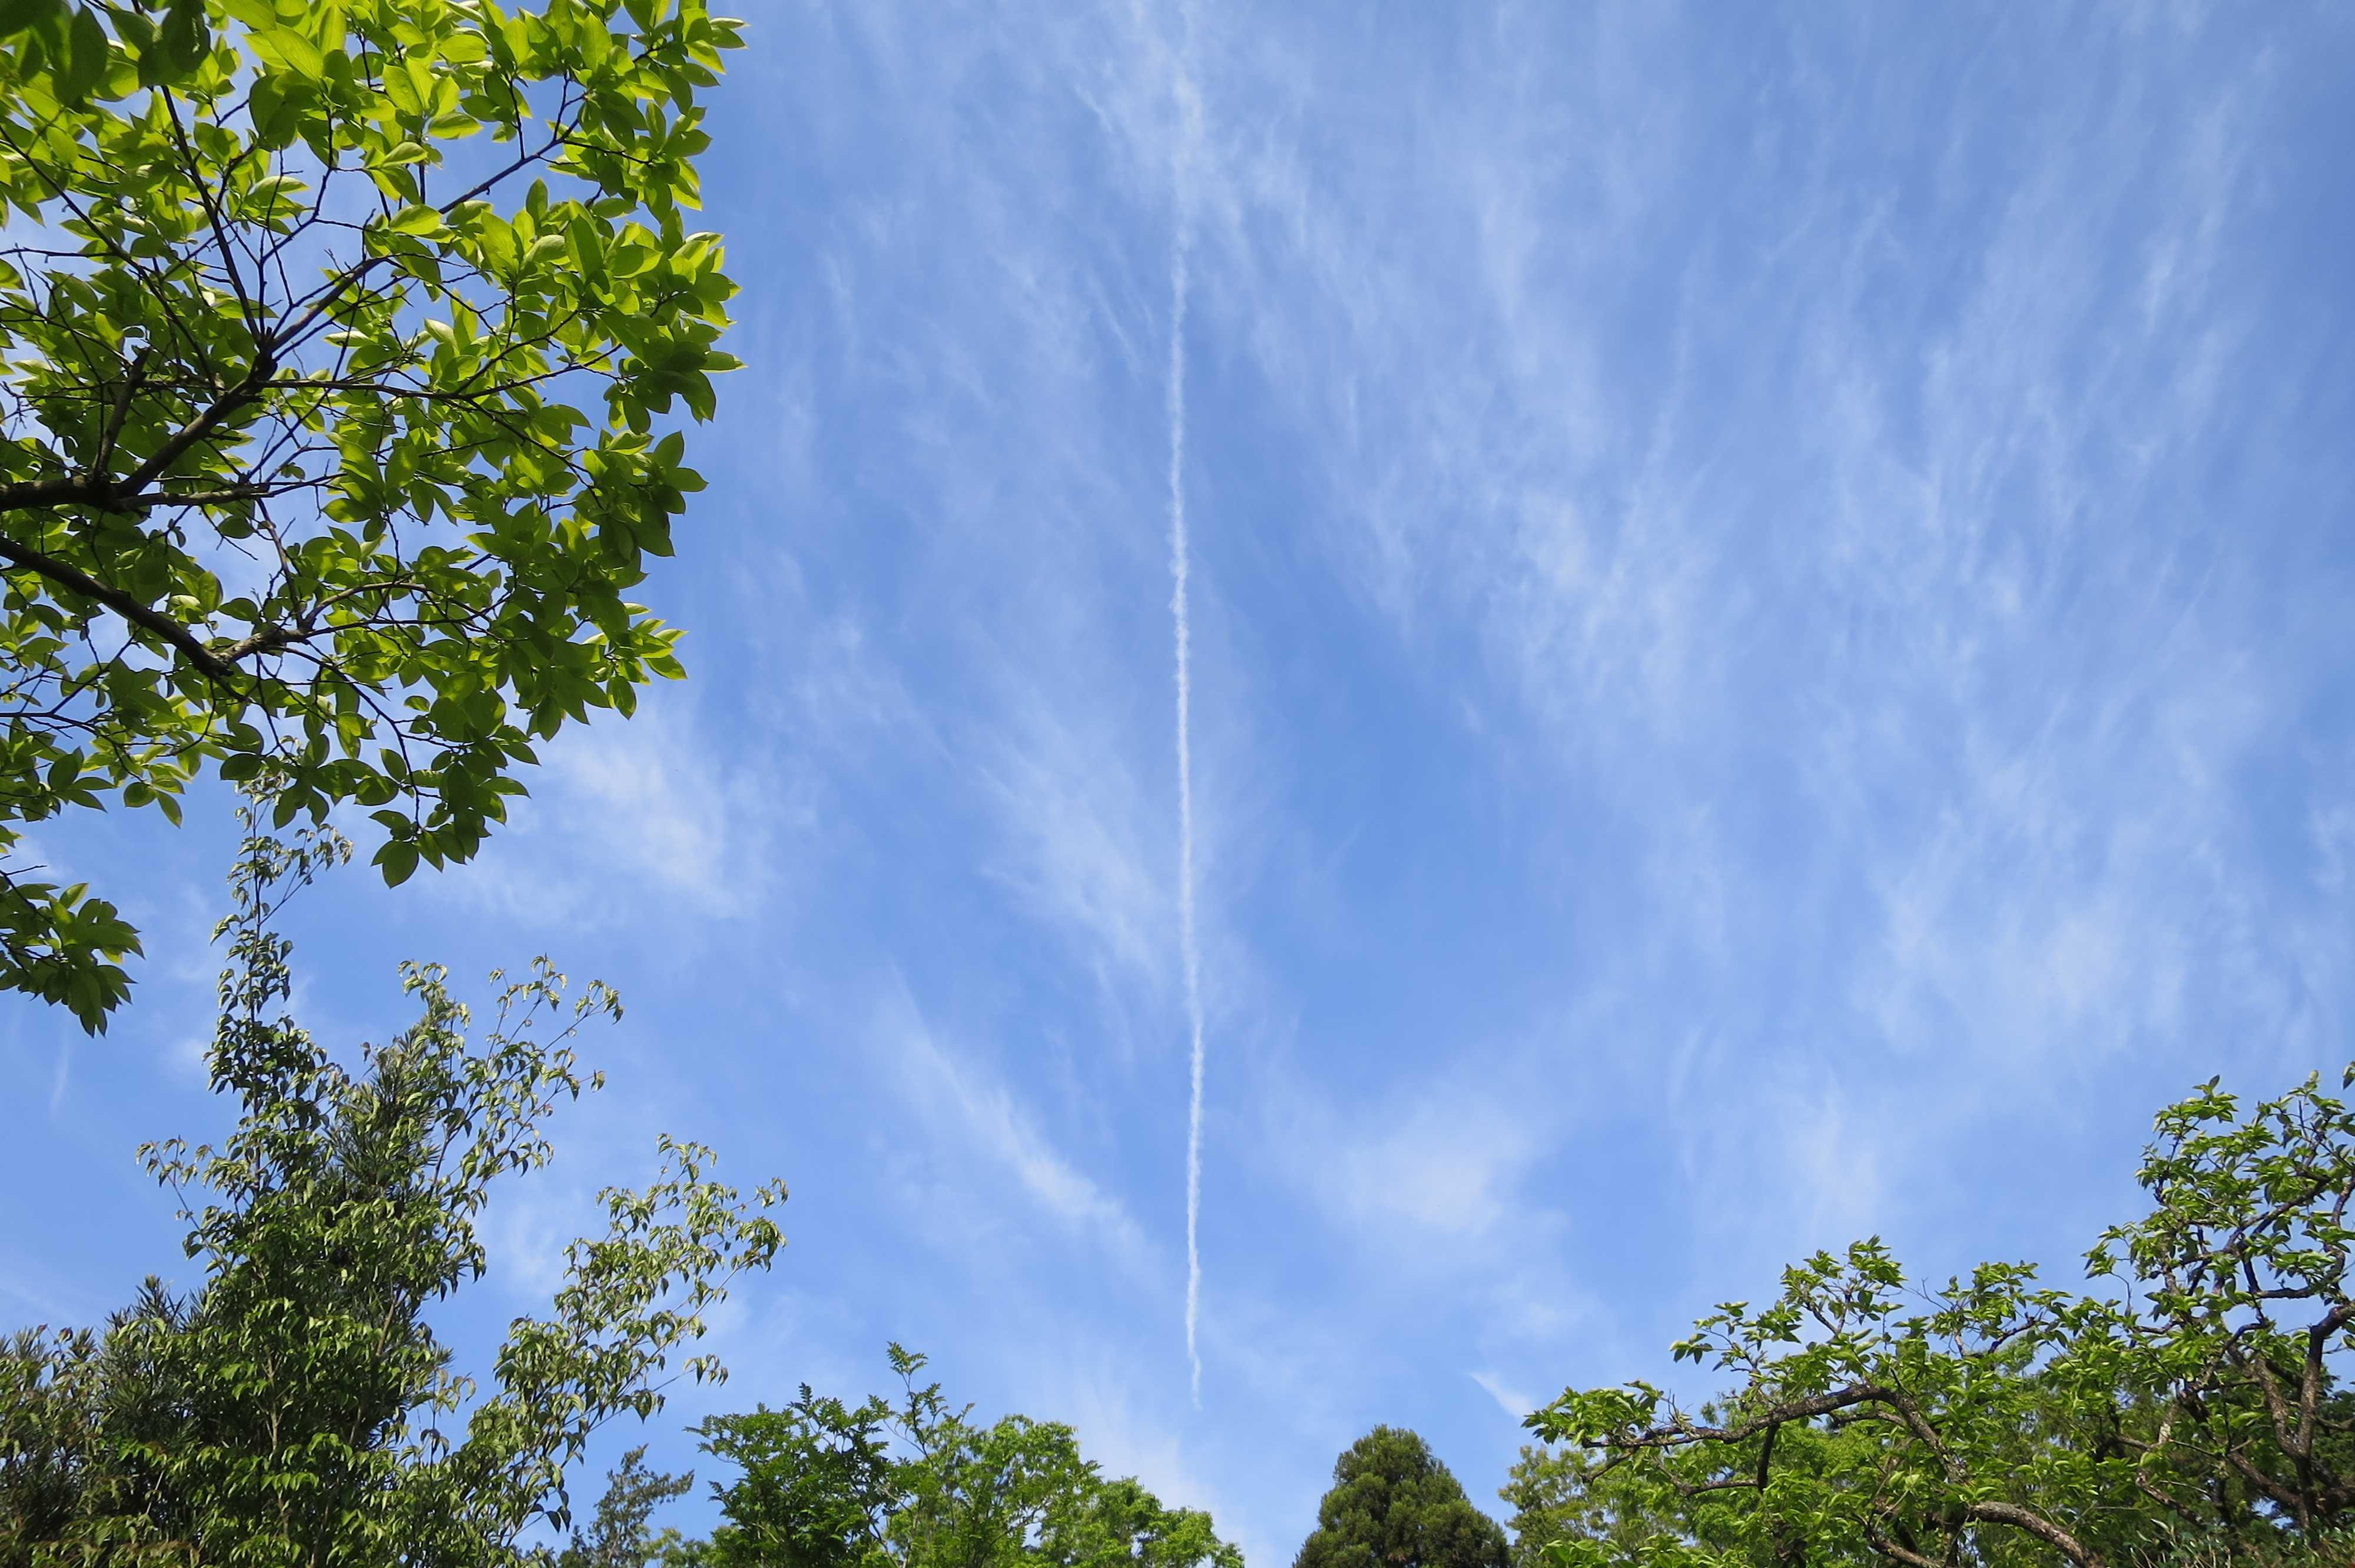 禅寺丸の原木上空の飛行機雲